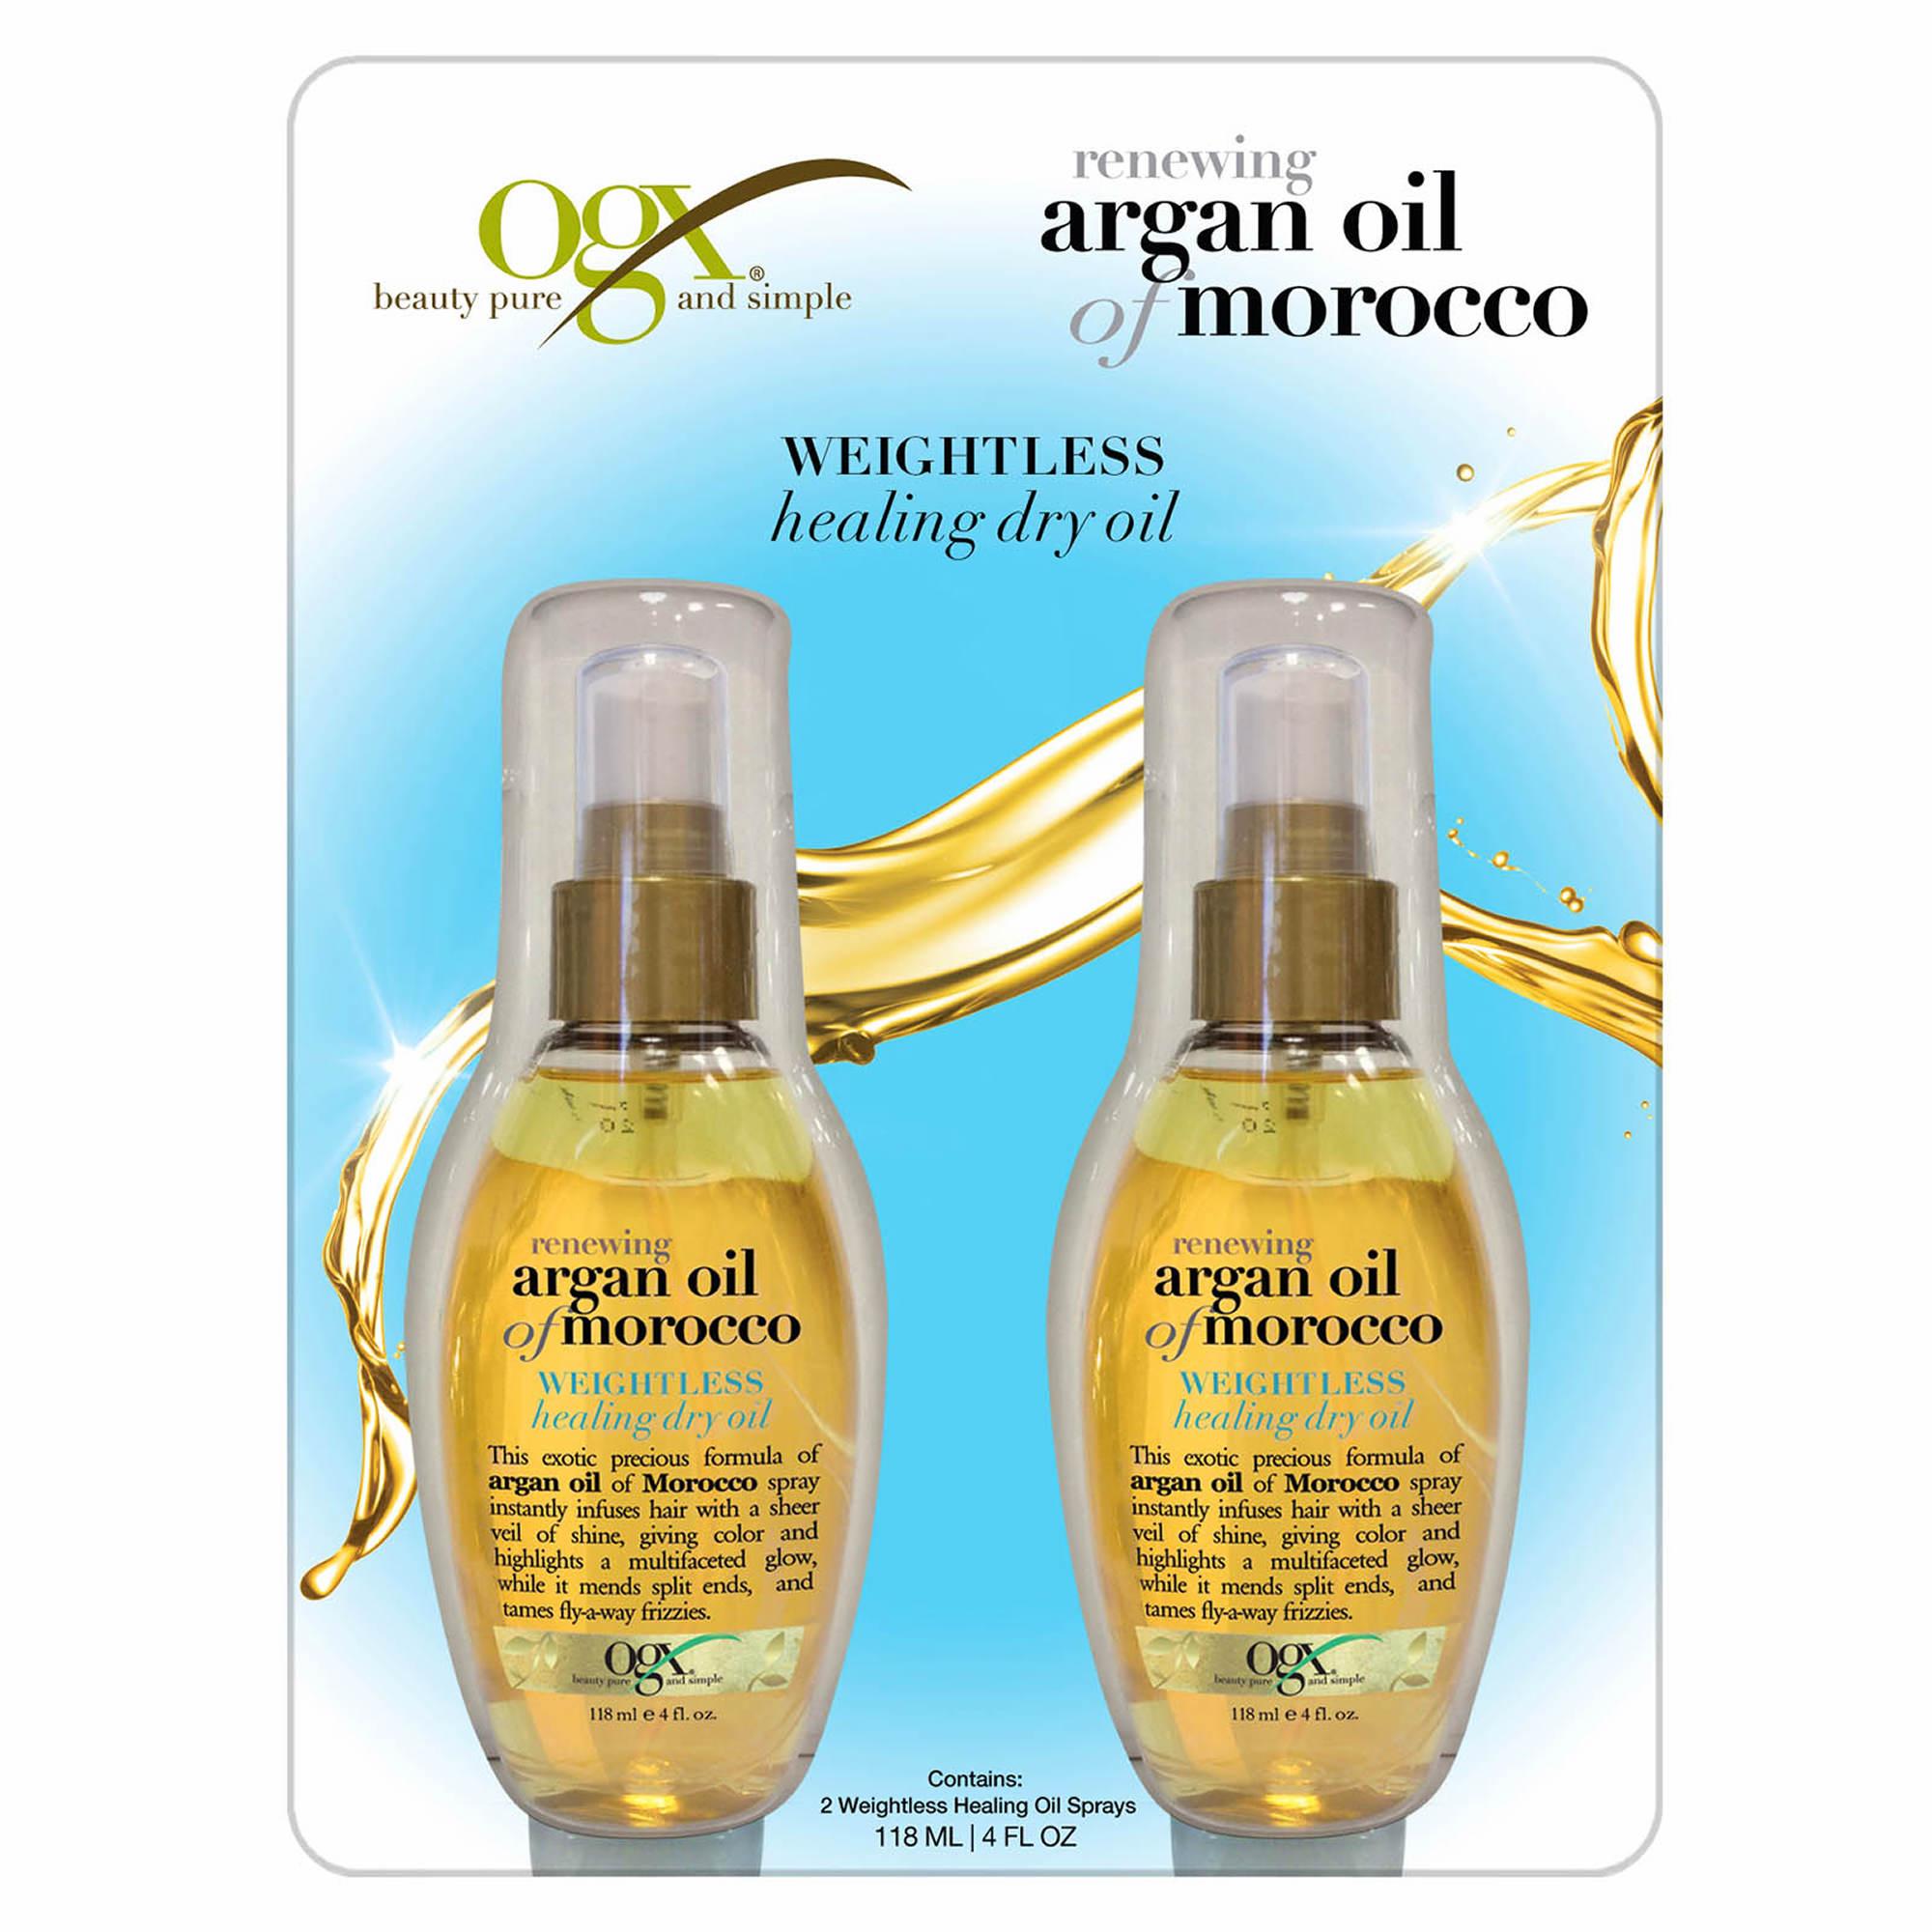 ogx renewing argan oil of morocco 2 pk 4 oz bjs. Black Bedroom Furniture Sets. Home Design Ideas